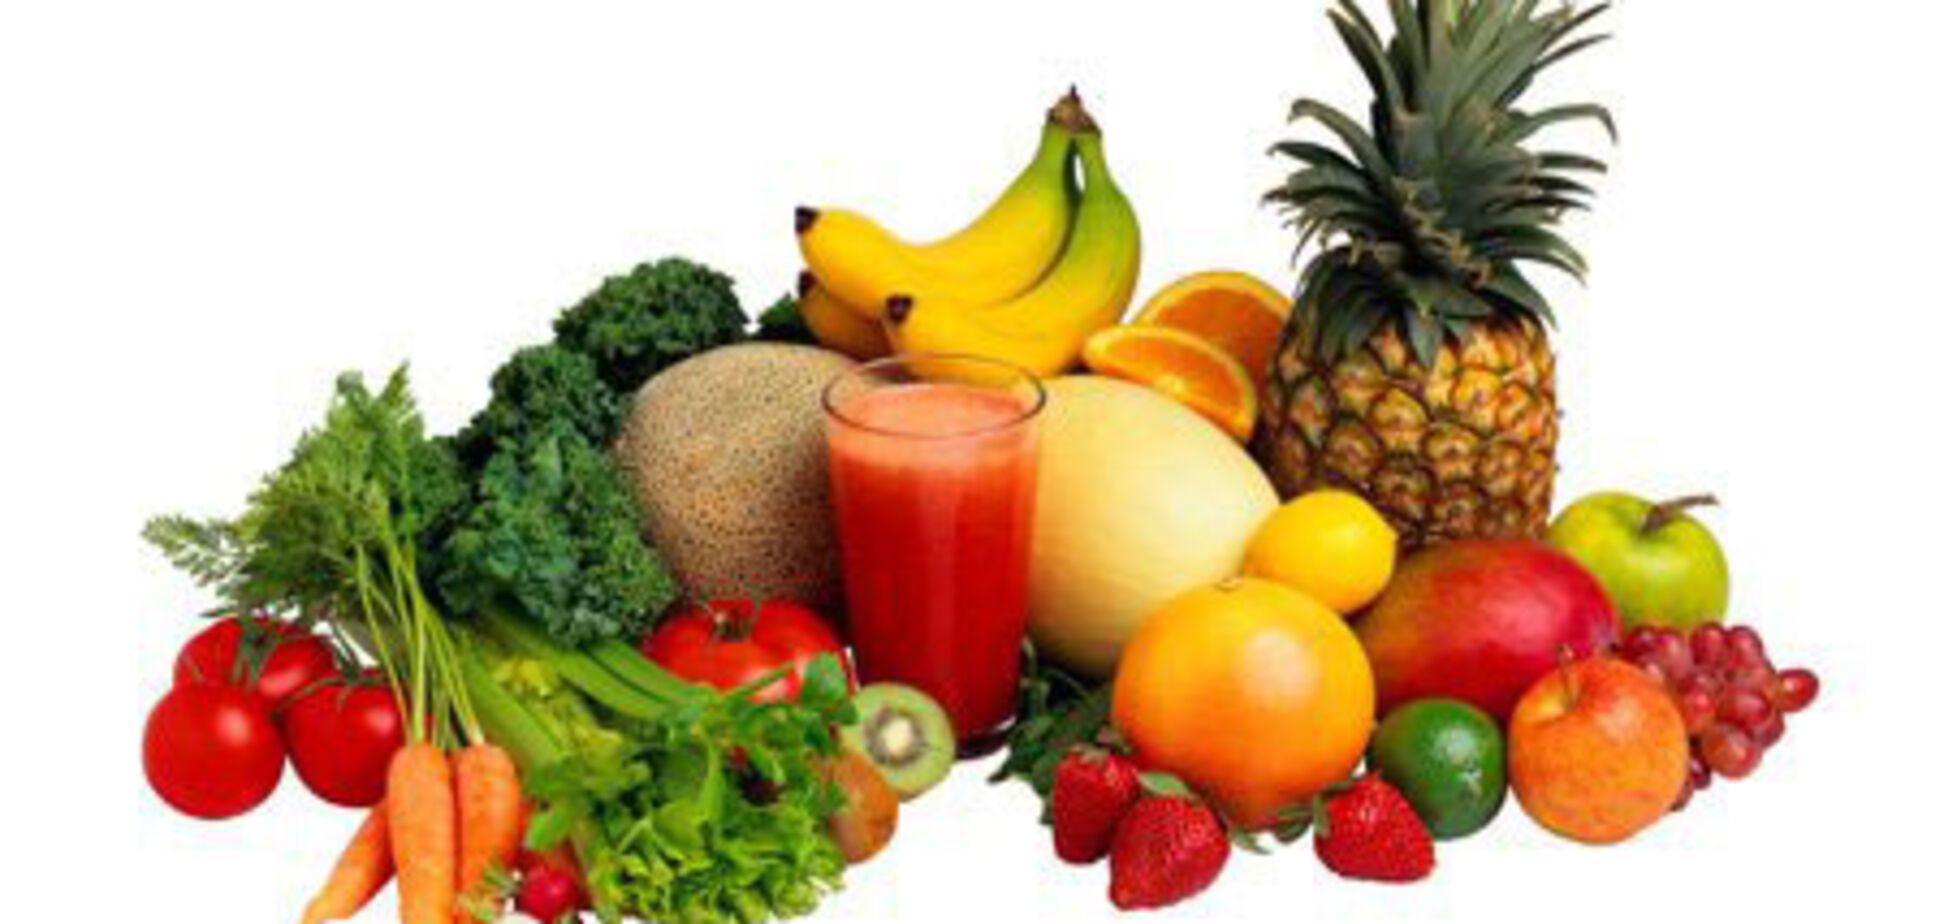 Наиболее распространенные заблуждения о еде и питании